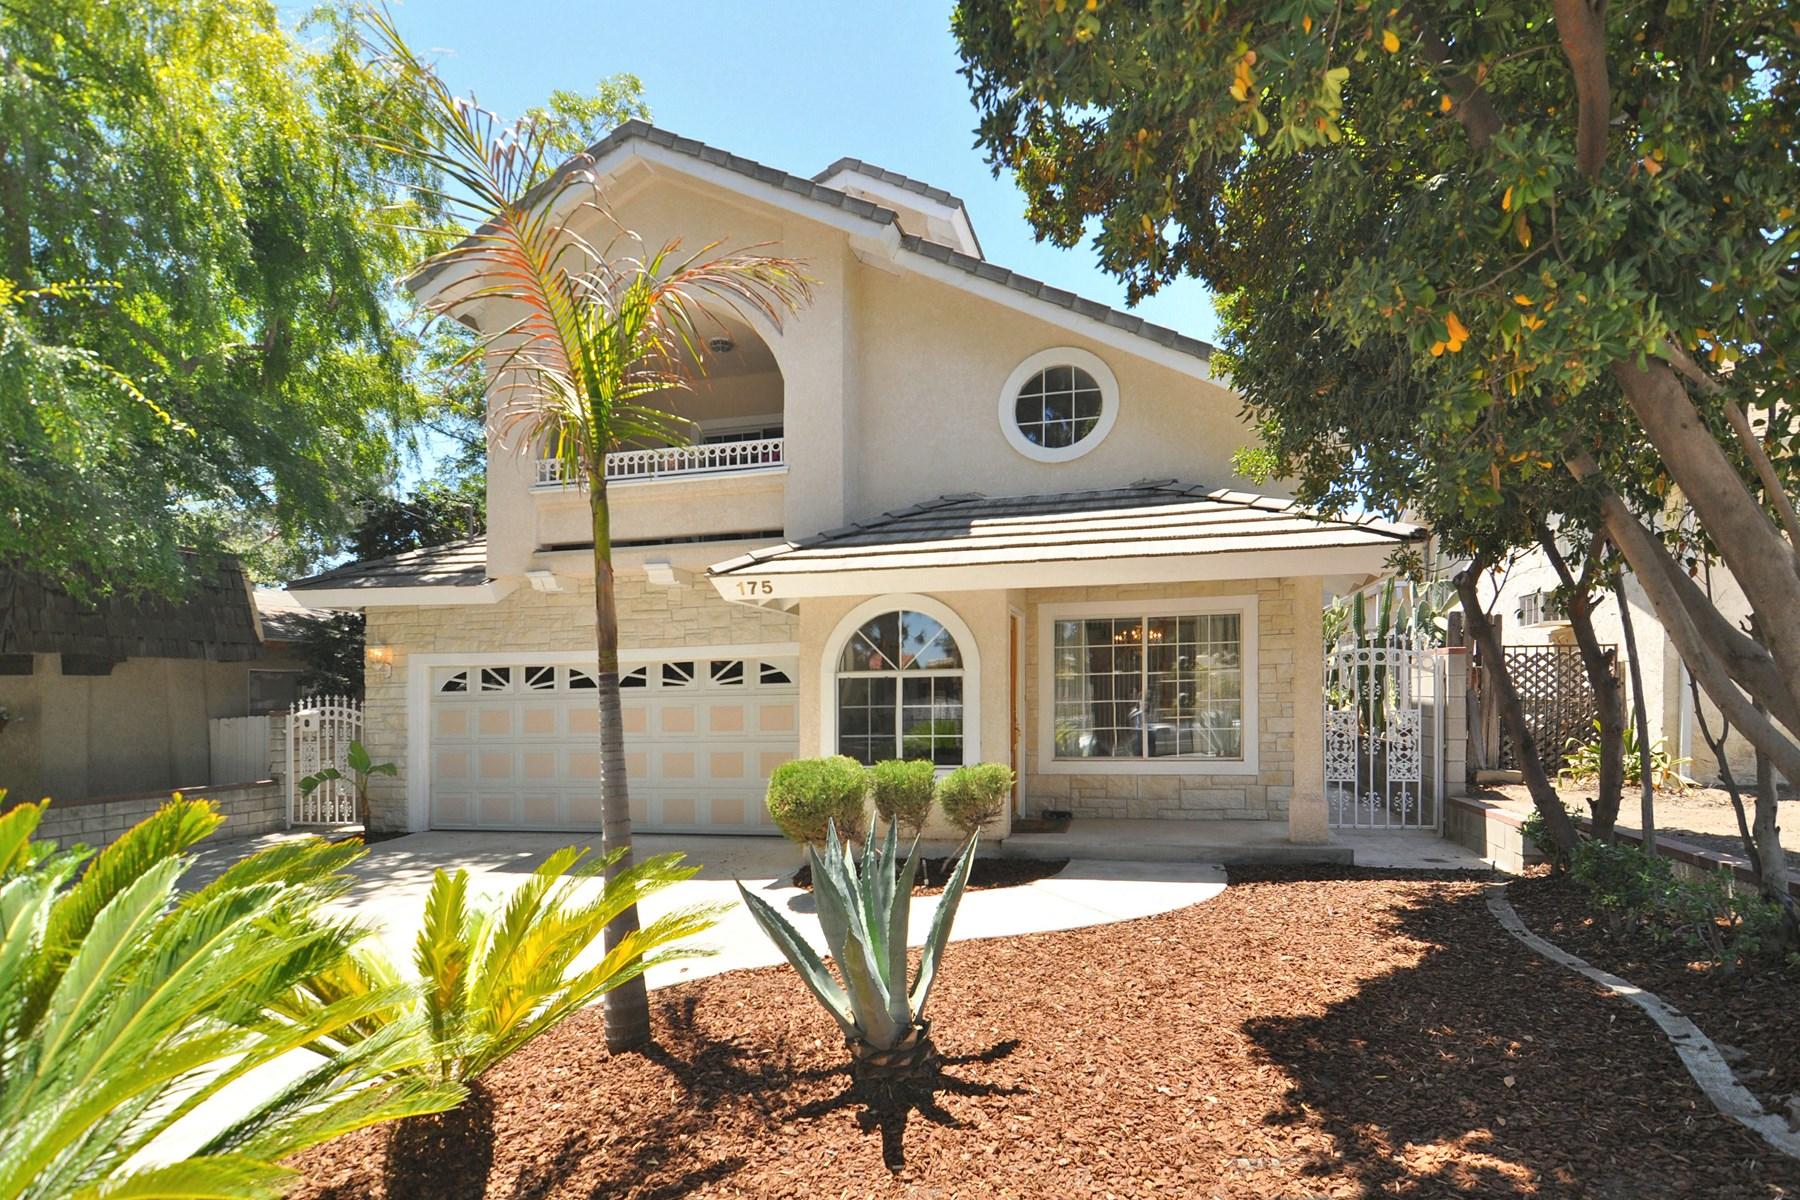 Vivienda unifamiliar por un Venta en Single Family Residence in Sierra Madre 175 North Hermosa Avenue Sierra Madre, California, 91024 Estados Unidos